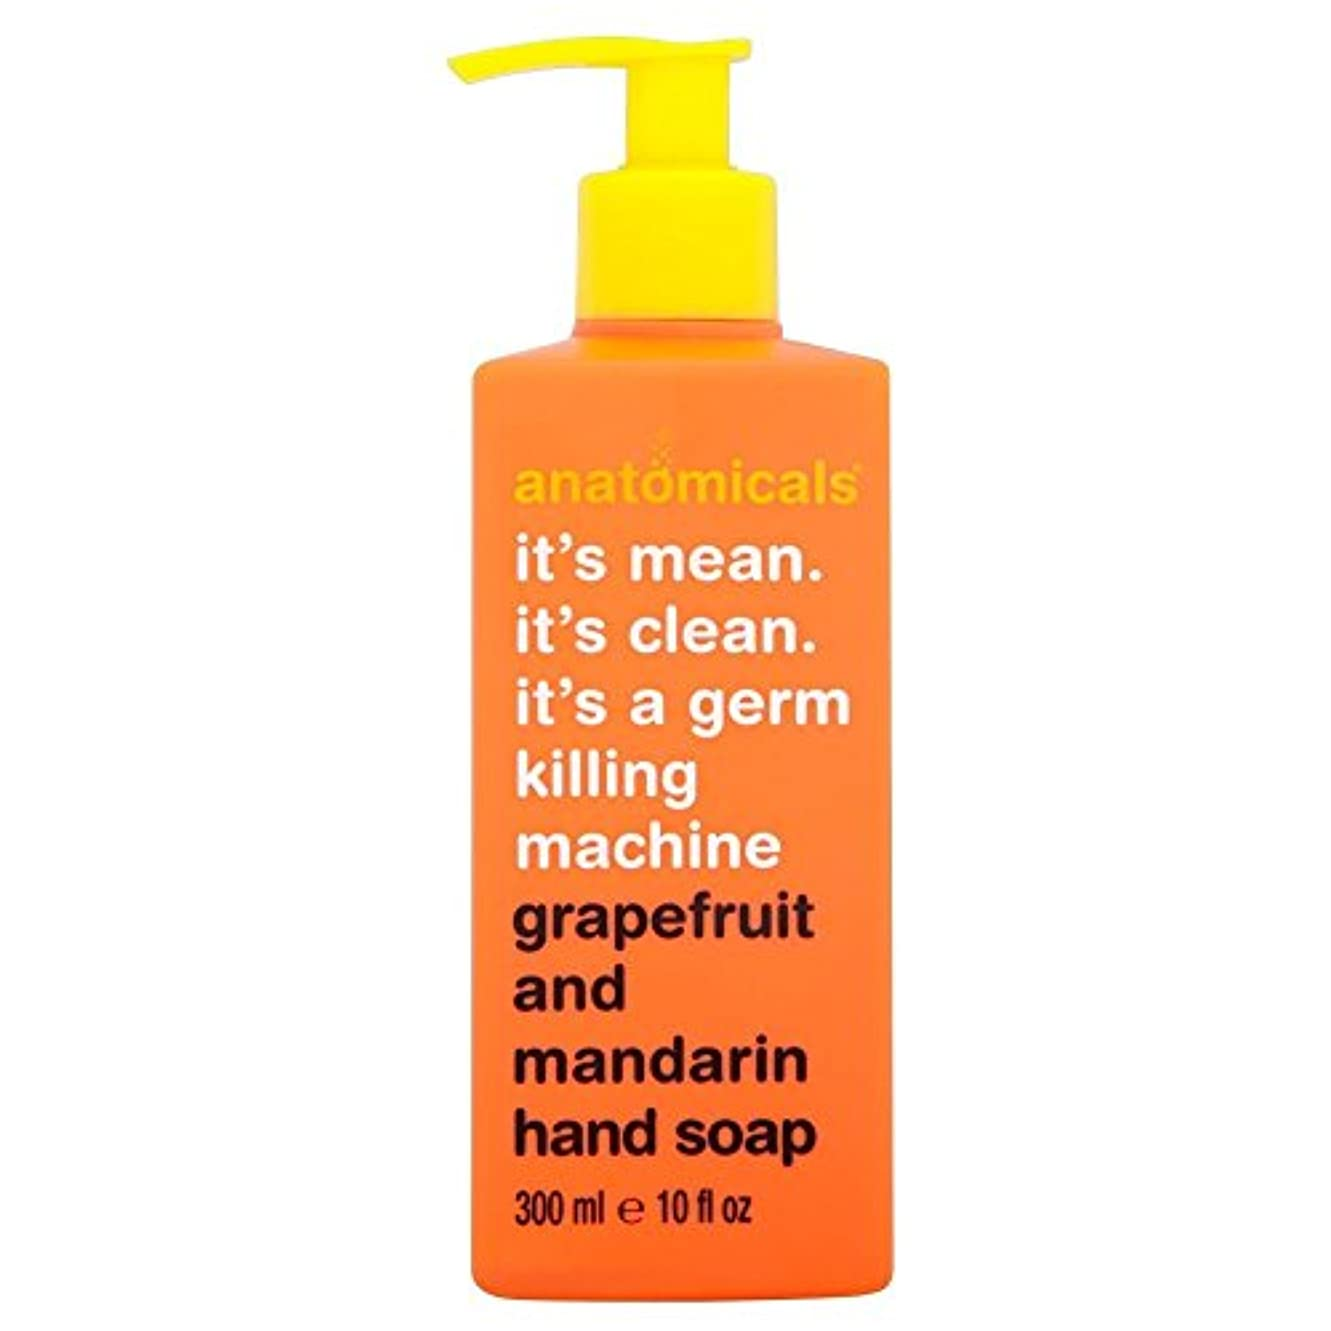 イベント反毒幼児Anatomicals It's Mean It's Clean It's a Germ Killing Machine Grapefruit & Mandarin Hand Soap (300ml) それはそれは、生殖殺人...